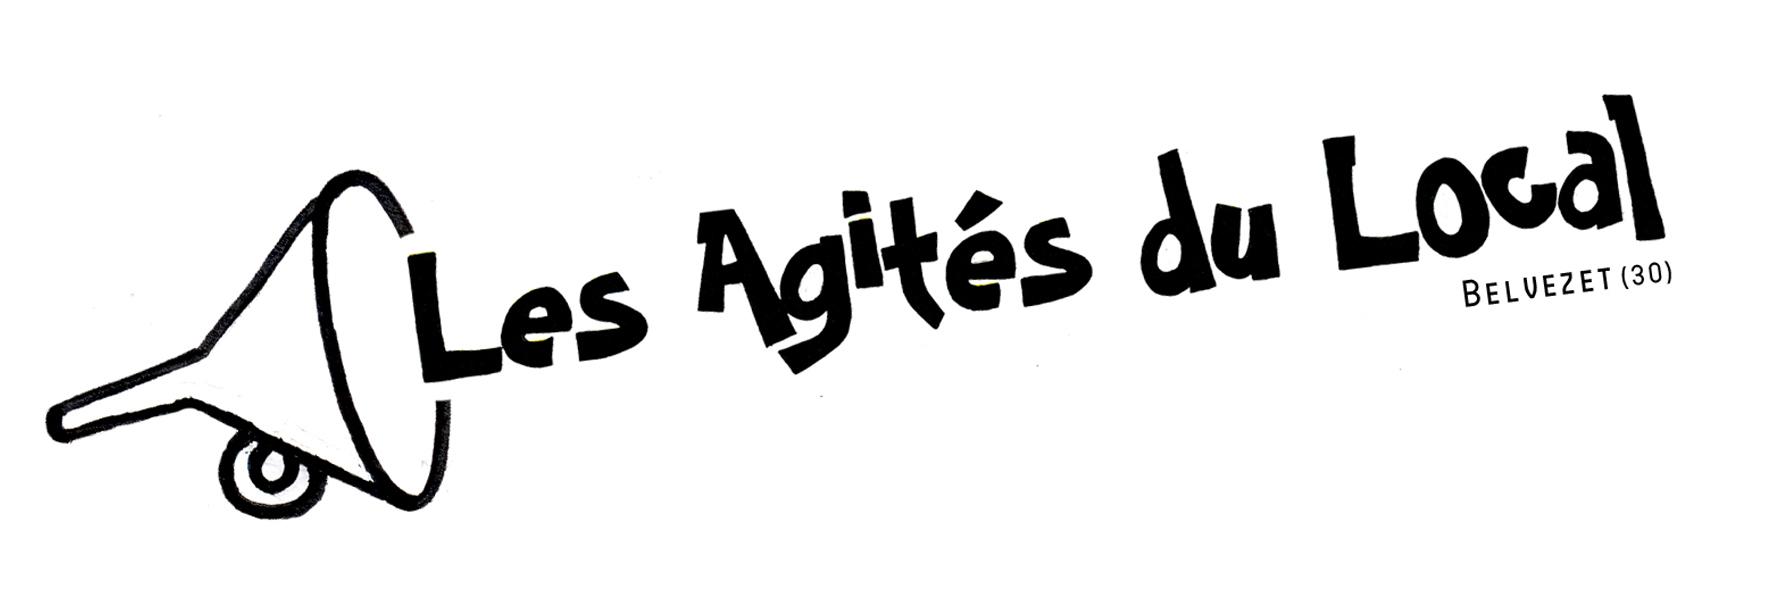 logo-agites